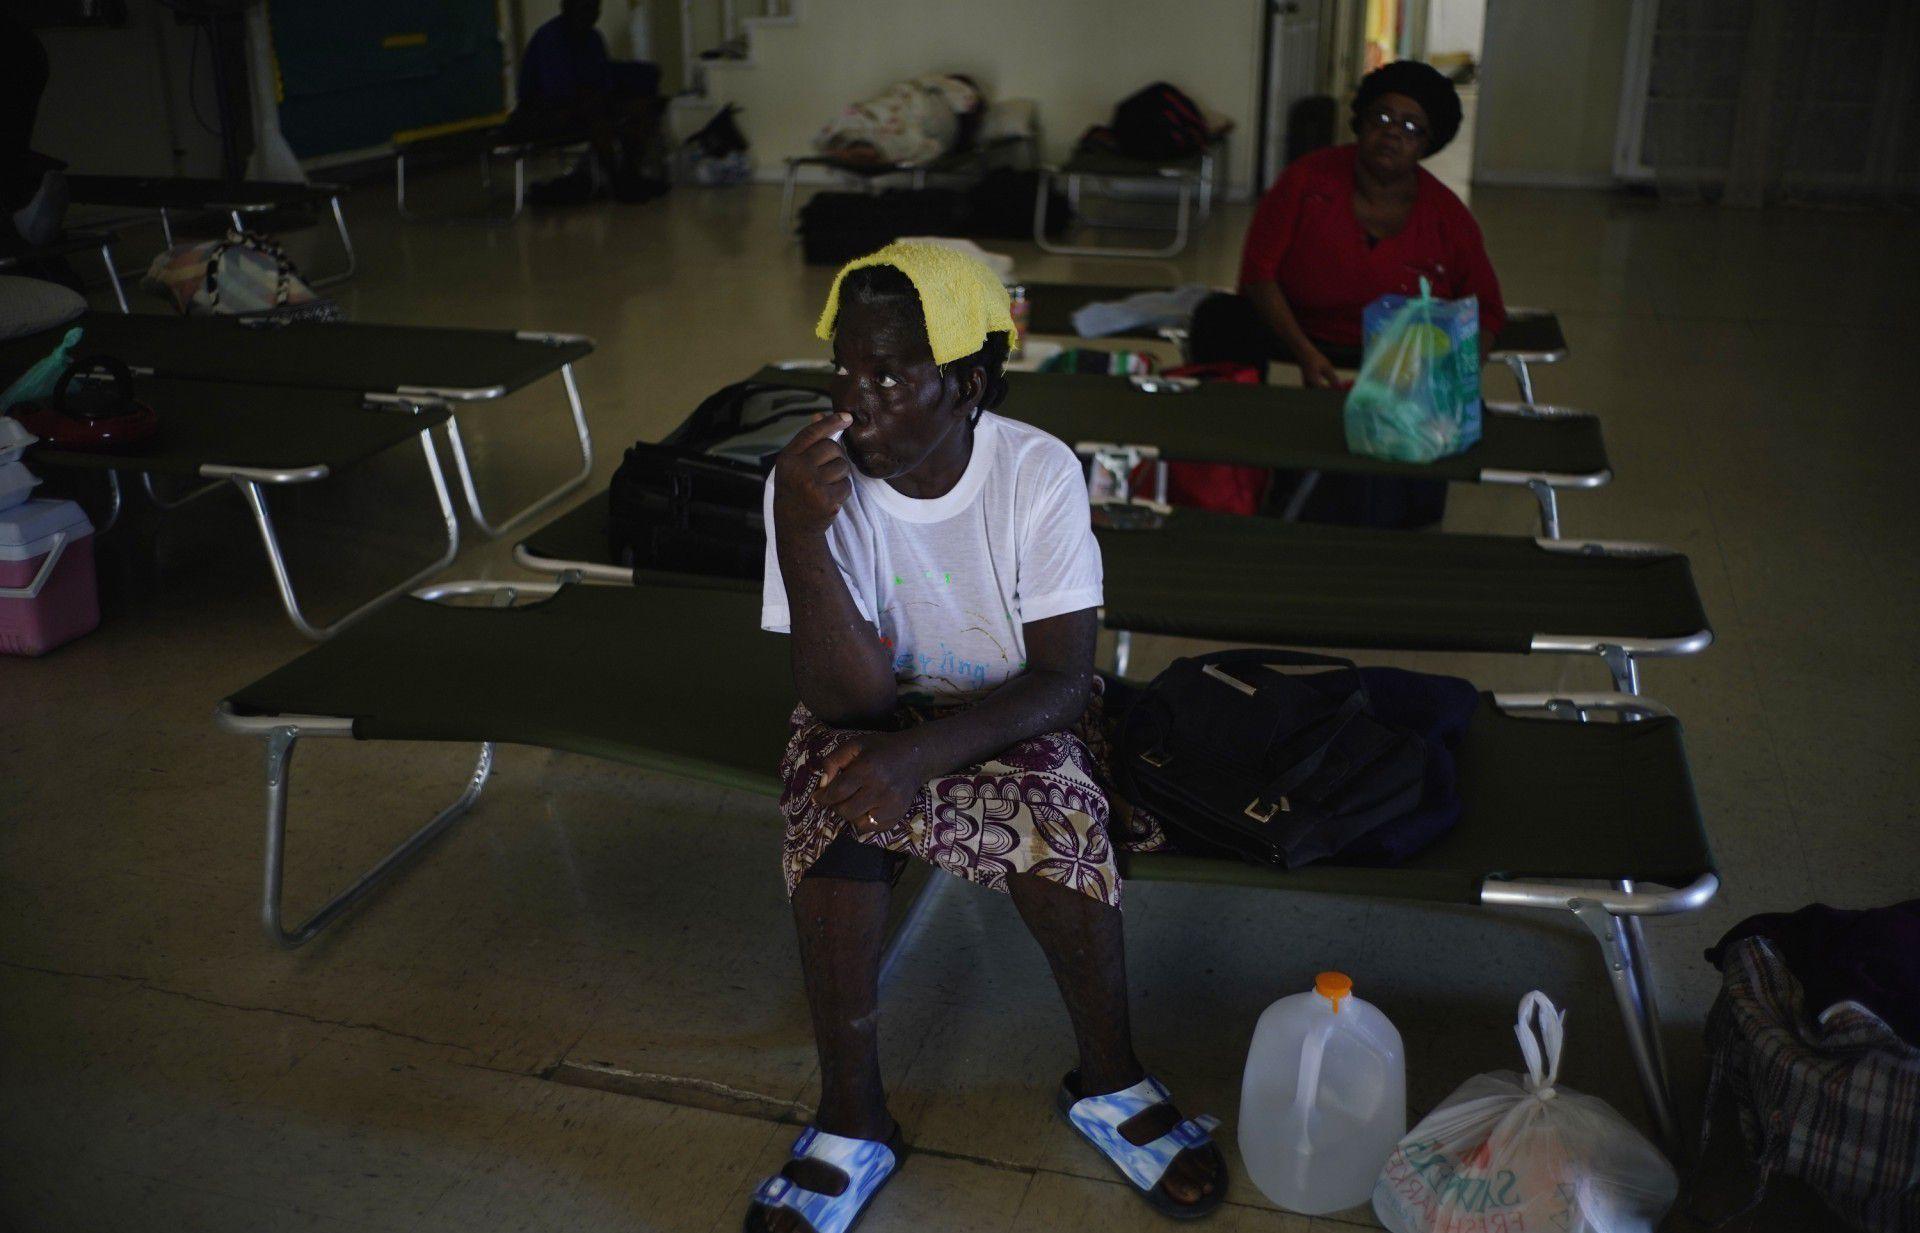 Dos mujeres sentadas en catres dentro de una iglesia empleada como refugio para los vecinos, que esperarán allí a que pase el huracán Dorian, en Freeport, Gran Bahama (AP Foto/Ramón Espinosa)